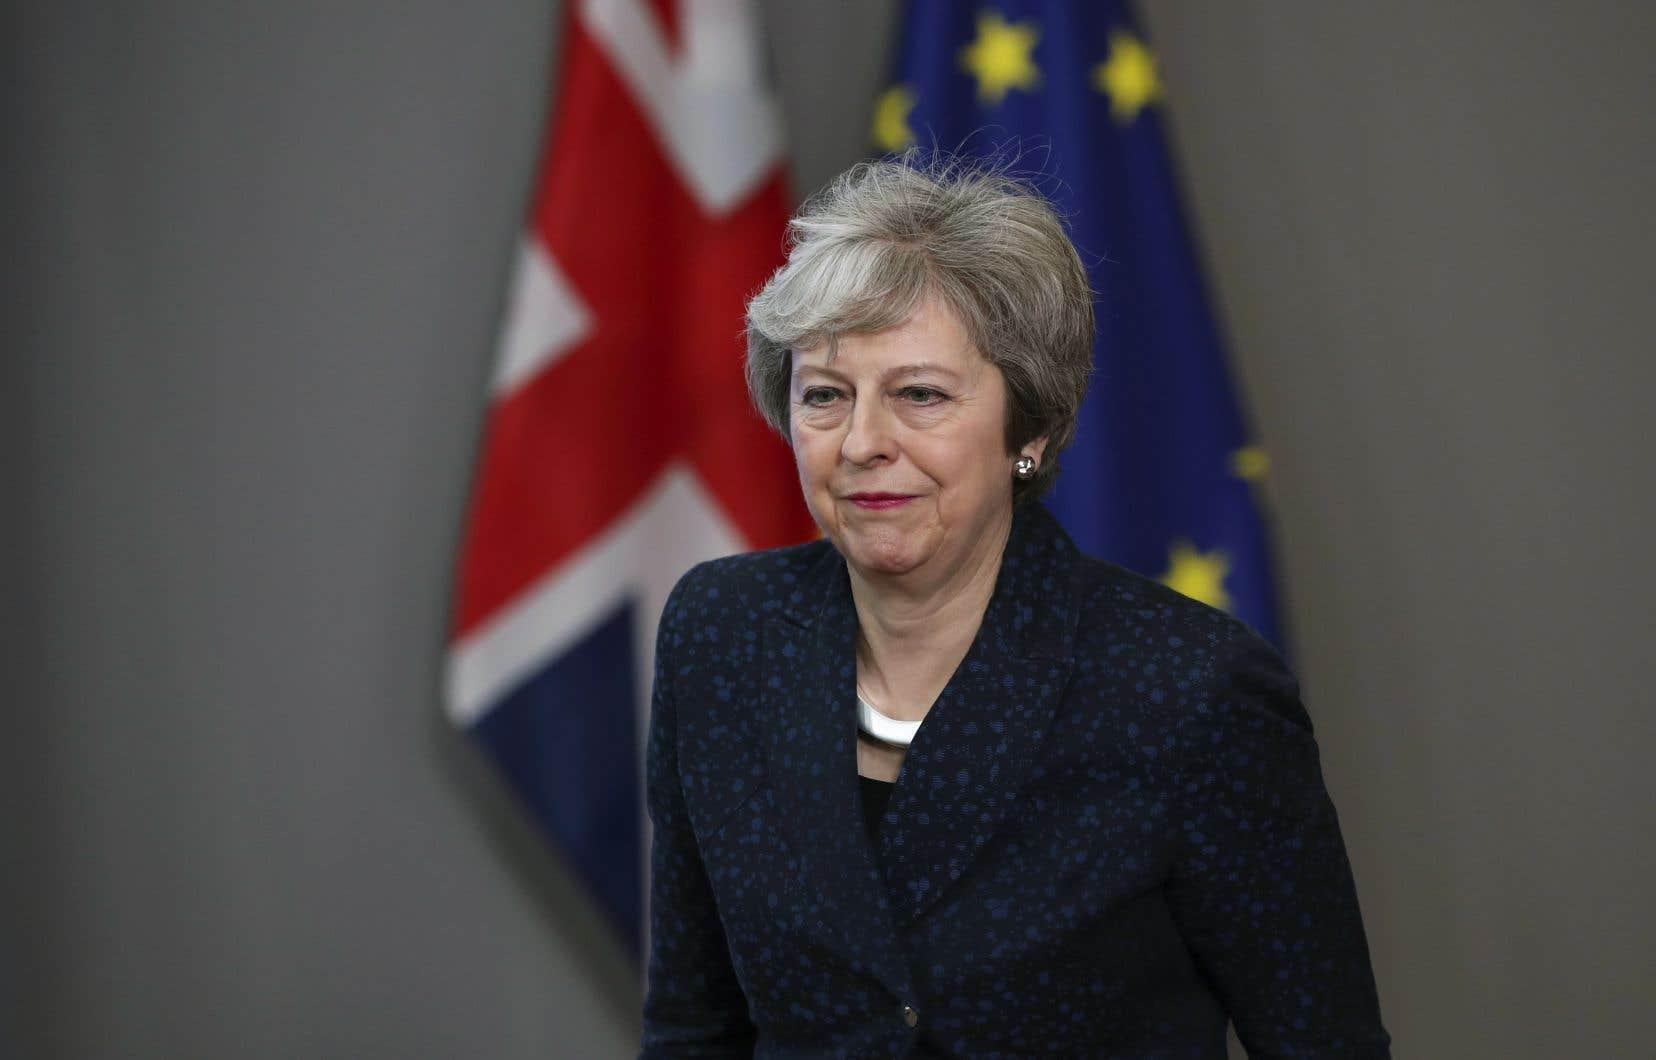 Theresa May a repoussé du revers de la main dimanche la proposition du chef du Parti travailliste, Jeremy Corbyn, d'offrir à Bruxelles un Brexit qui s'inscrirait dans une union douanière «permanente et globale» avec l'Europe.